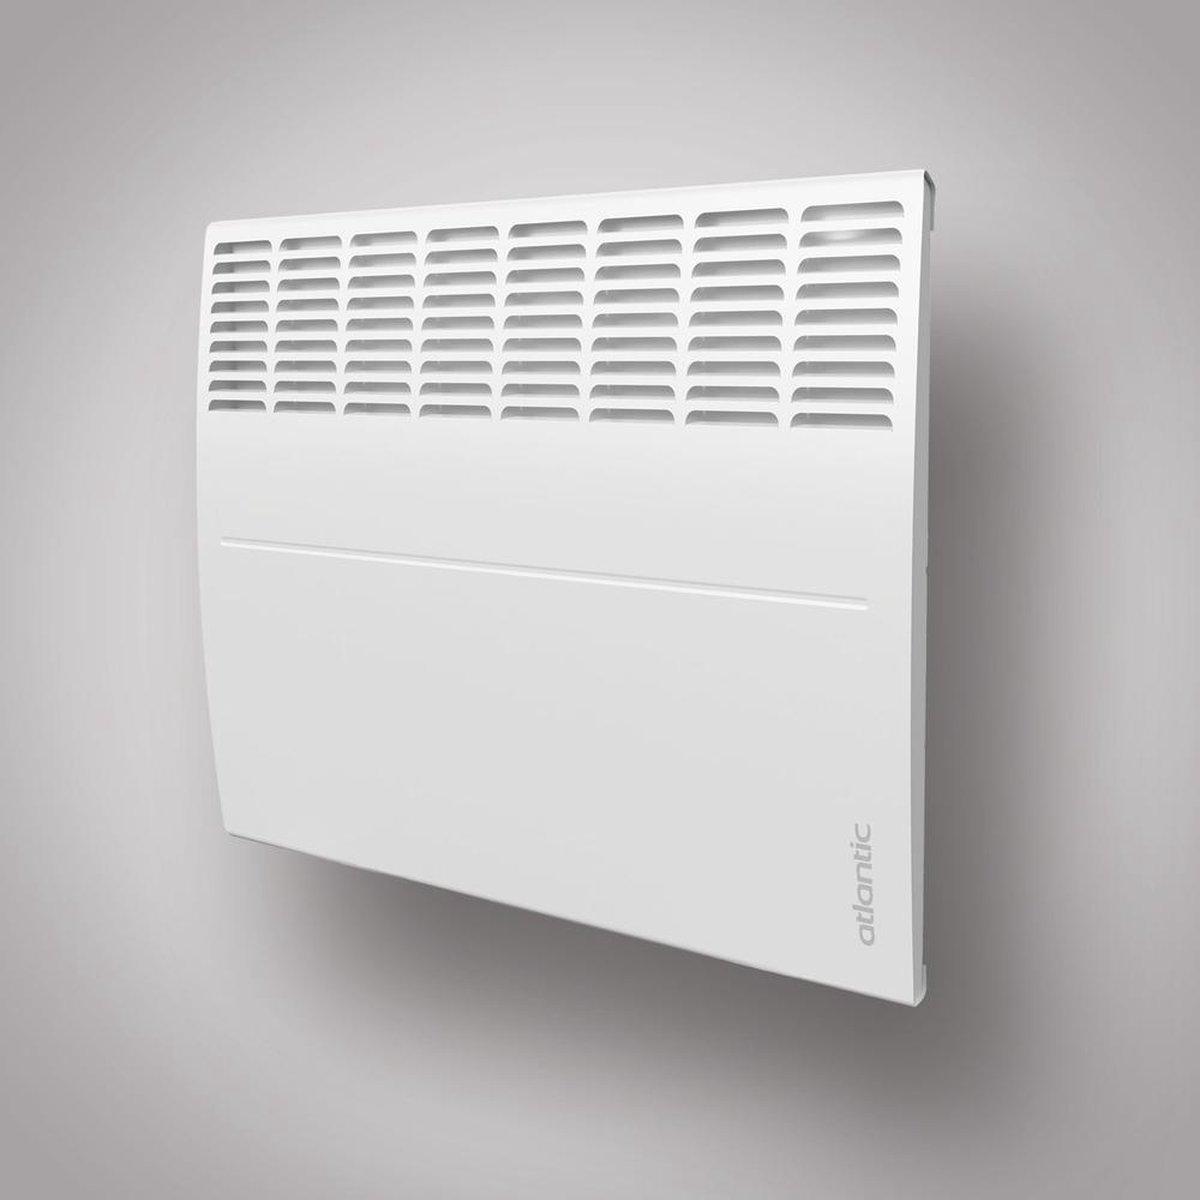 Bol Com Ecoflex Atlantic Convector Elektrische Verwarming 2500watt 902x451mm Met Instelbare